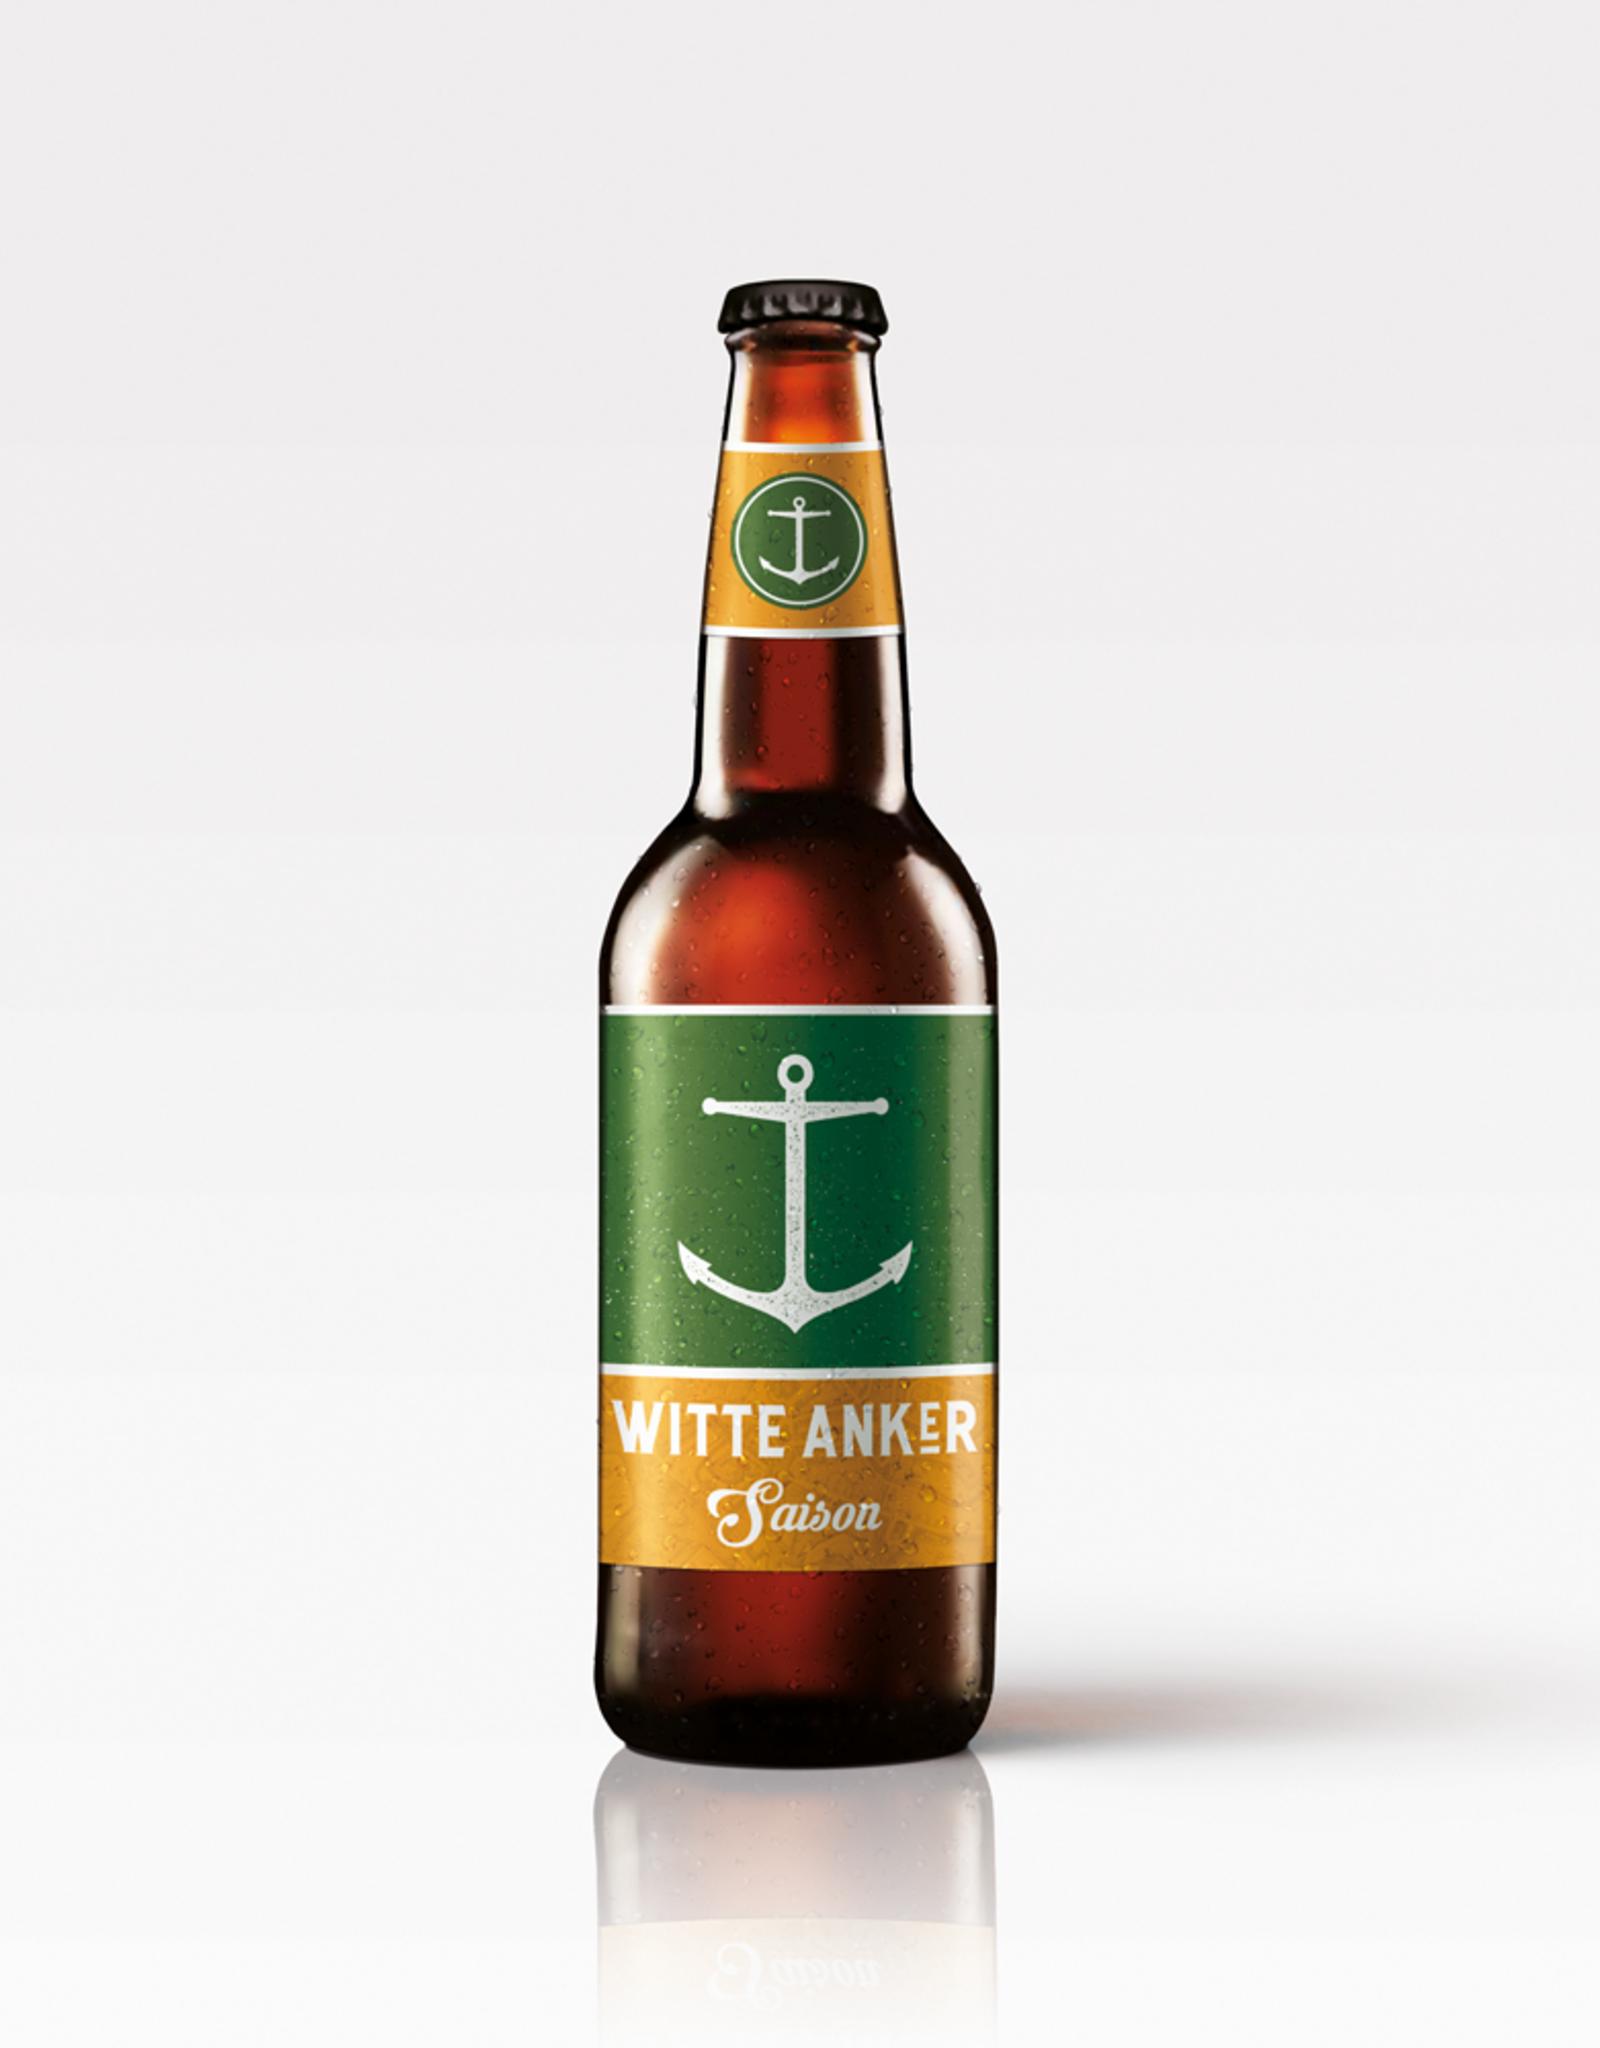 Witte Anker Witte Anker Saison 33cl